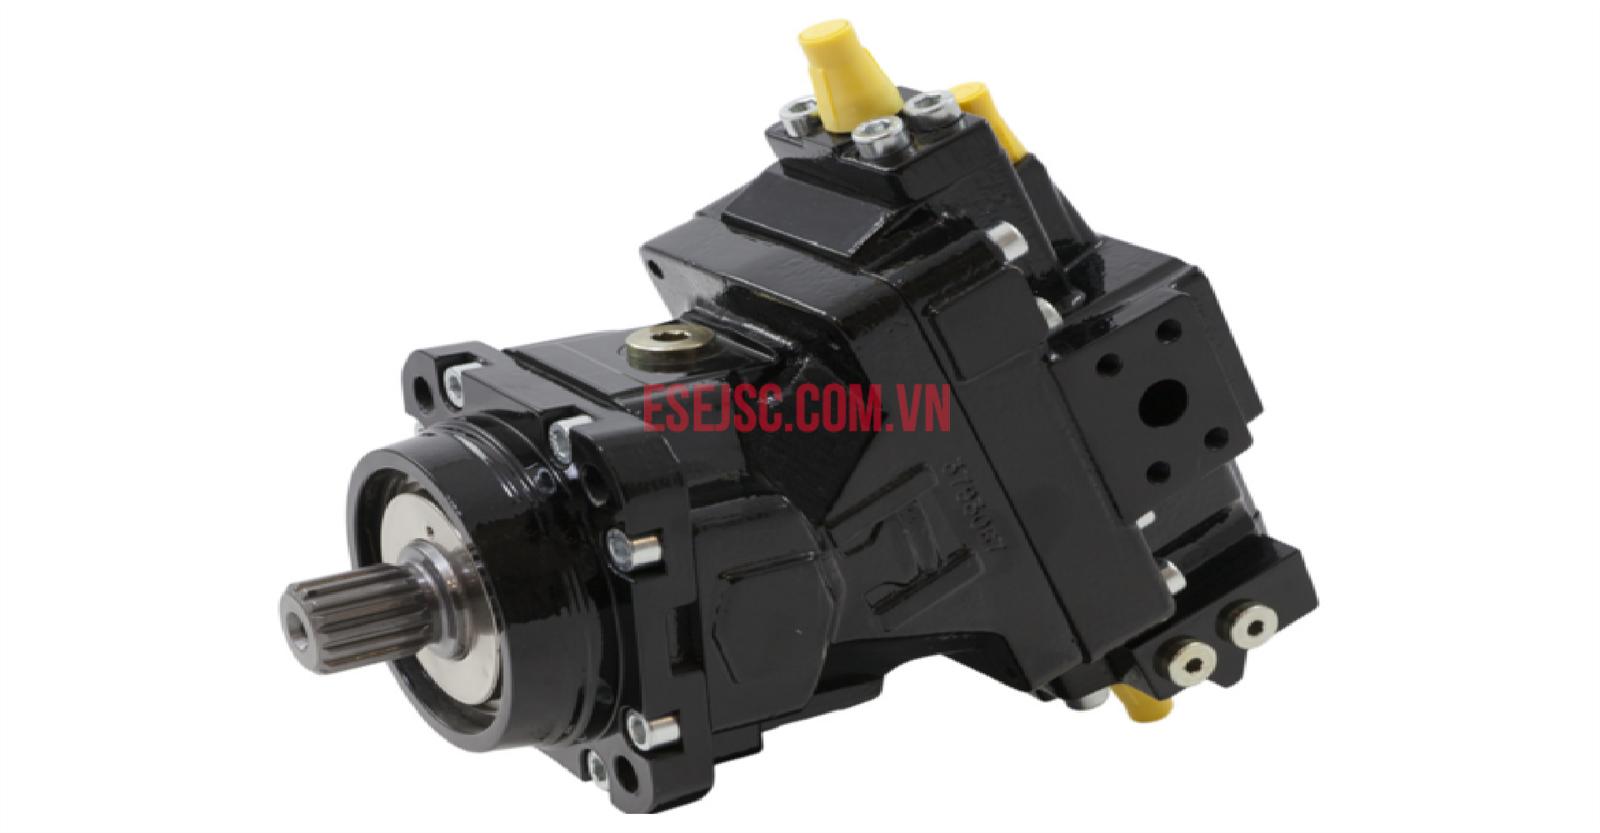 Motor hướng trục piston có dung tích thay đổi - SERIES V12